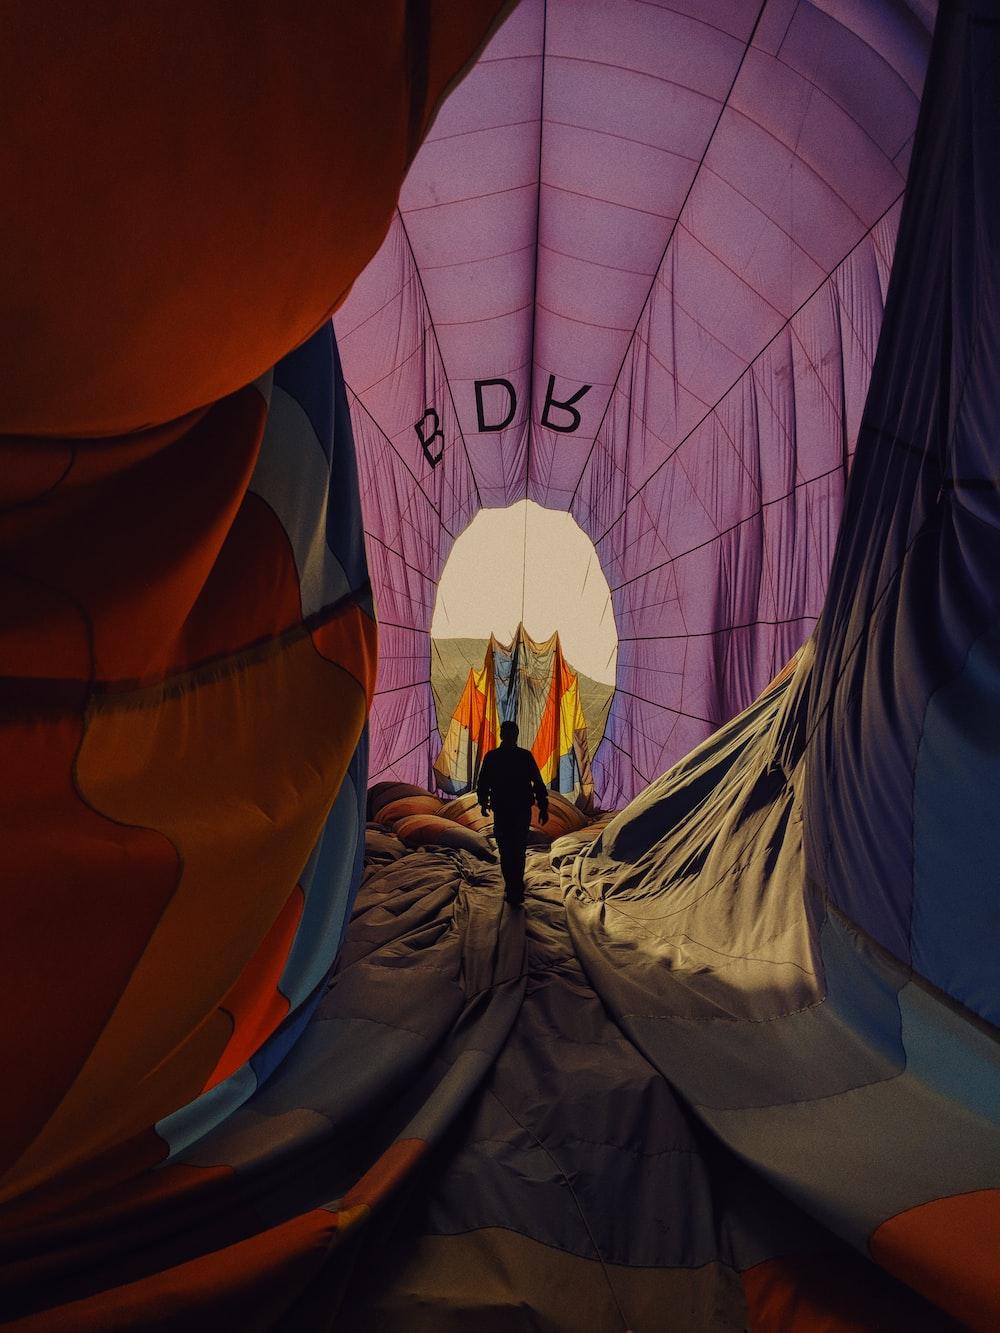 person walking inside purple tent tunnel